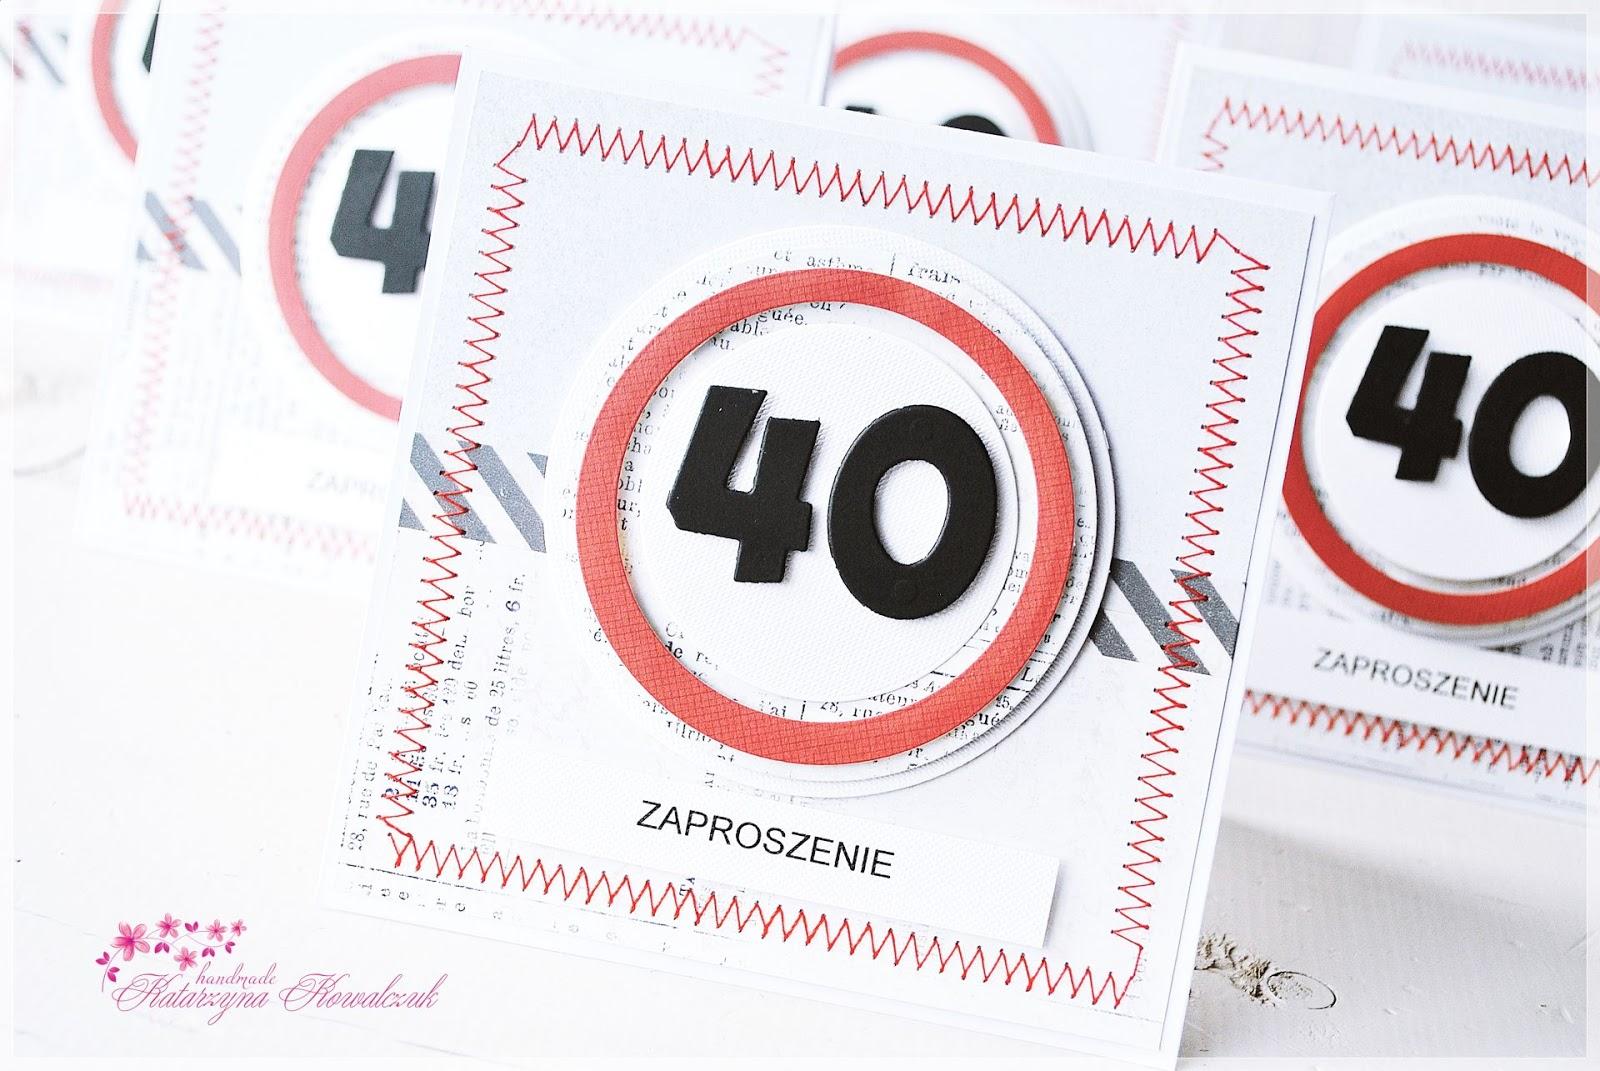 Scrapbooking Moja Codzienność Mój Czas Zaproszenie Na 40 Ste